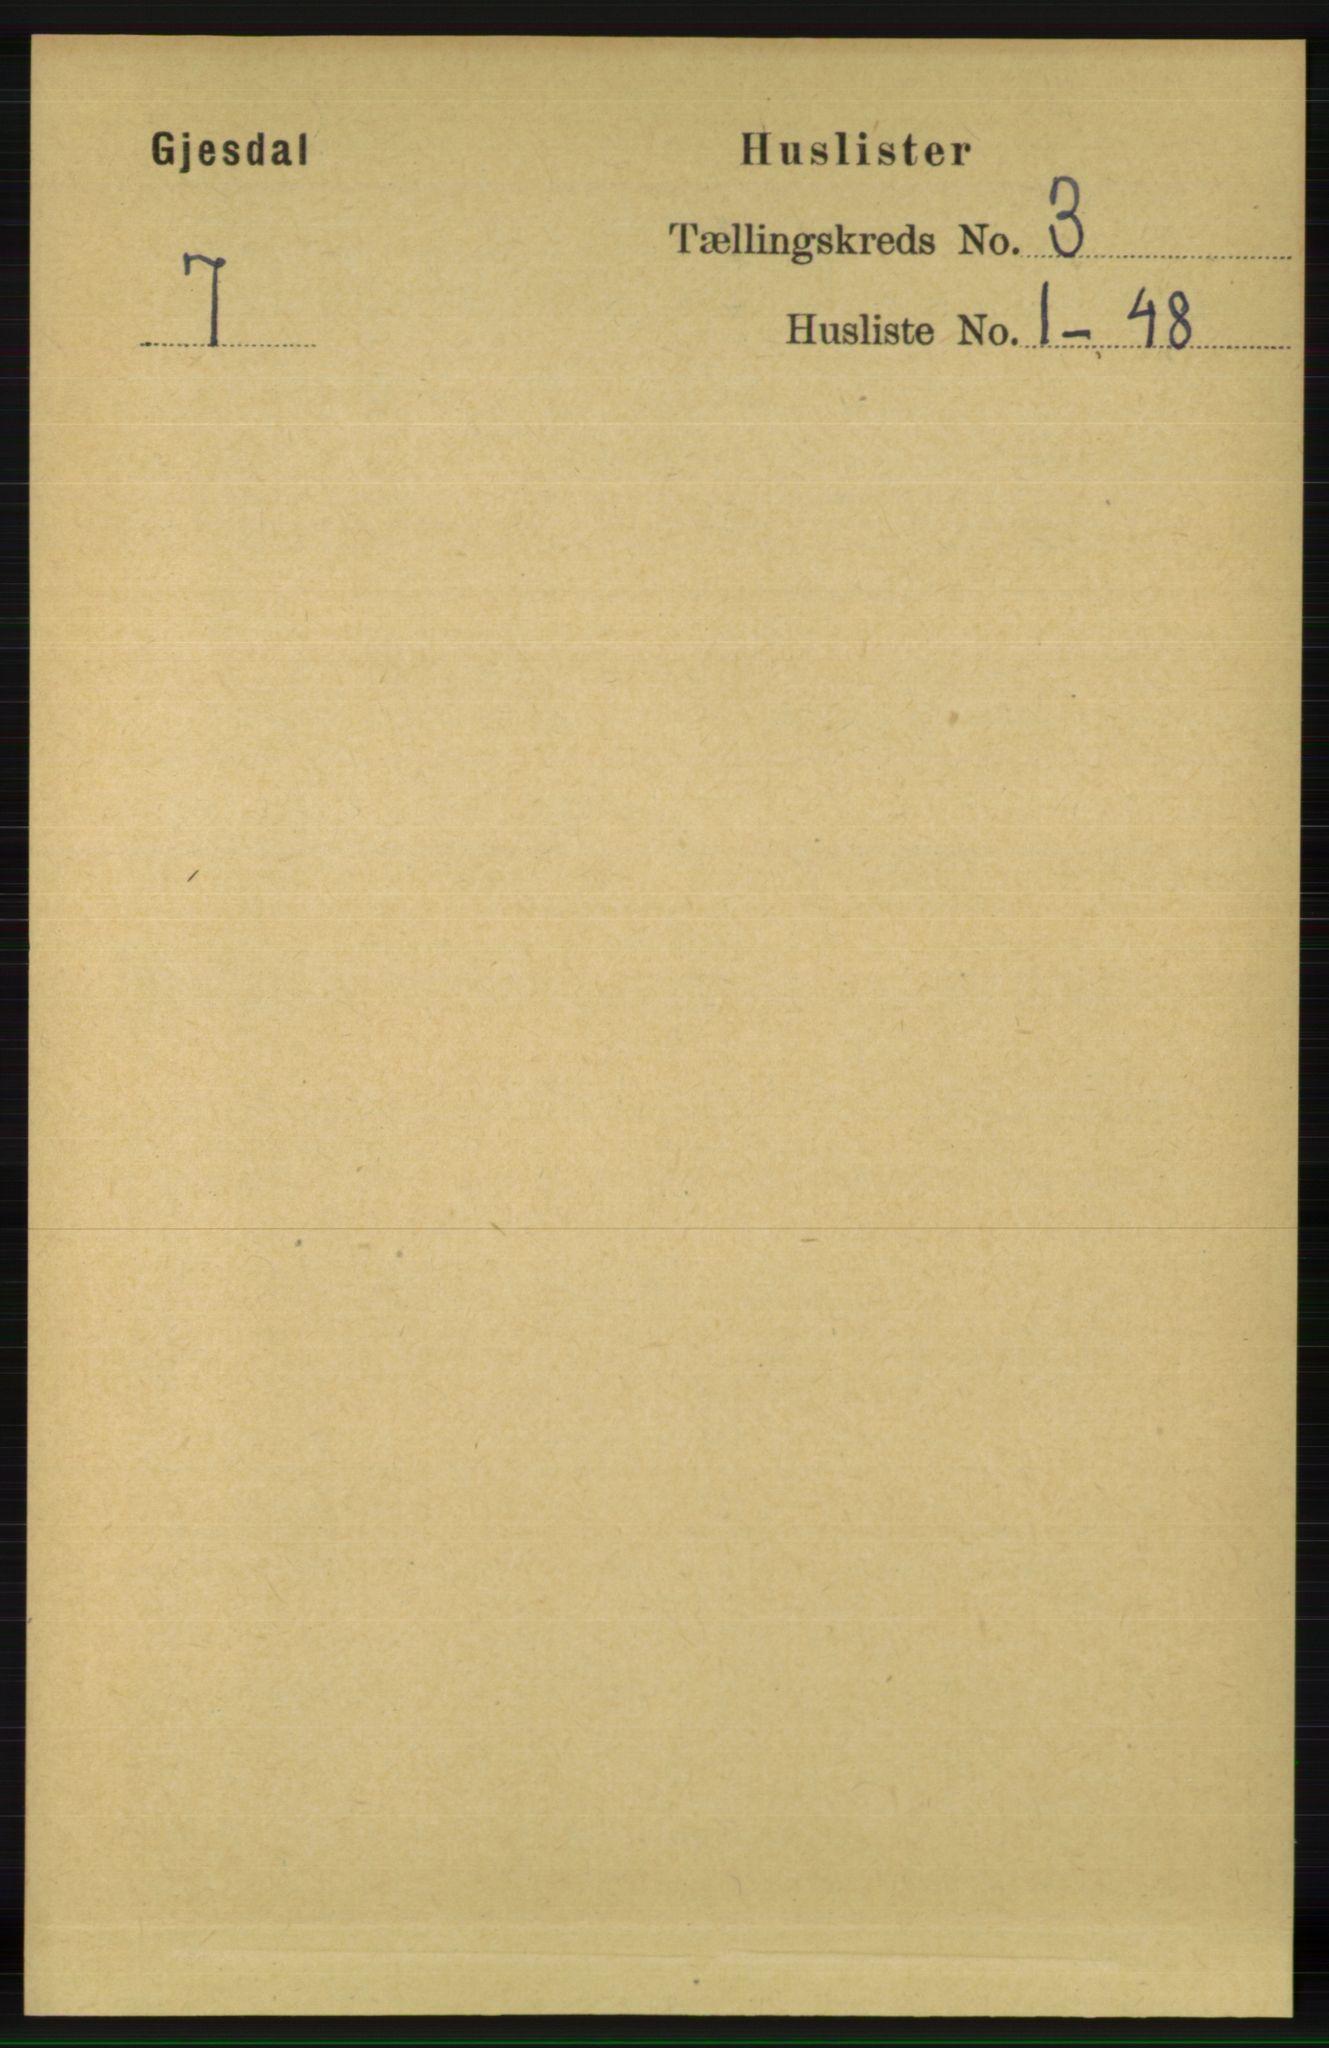 RA, Folketelling 1891 for 1122 Gjesdal herred, 1891, s. 683